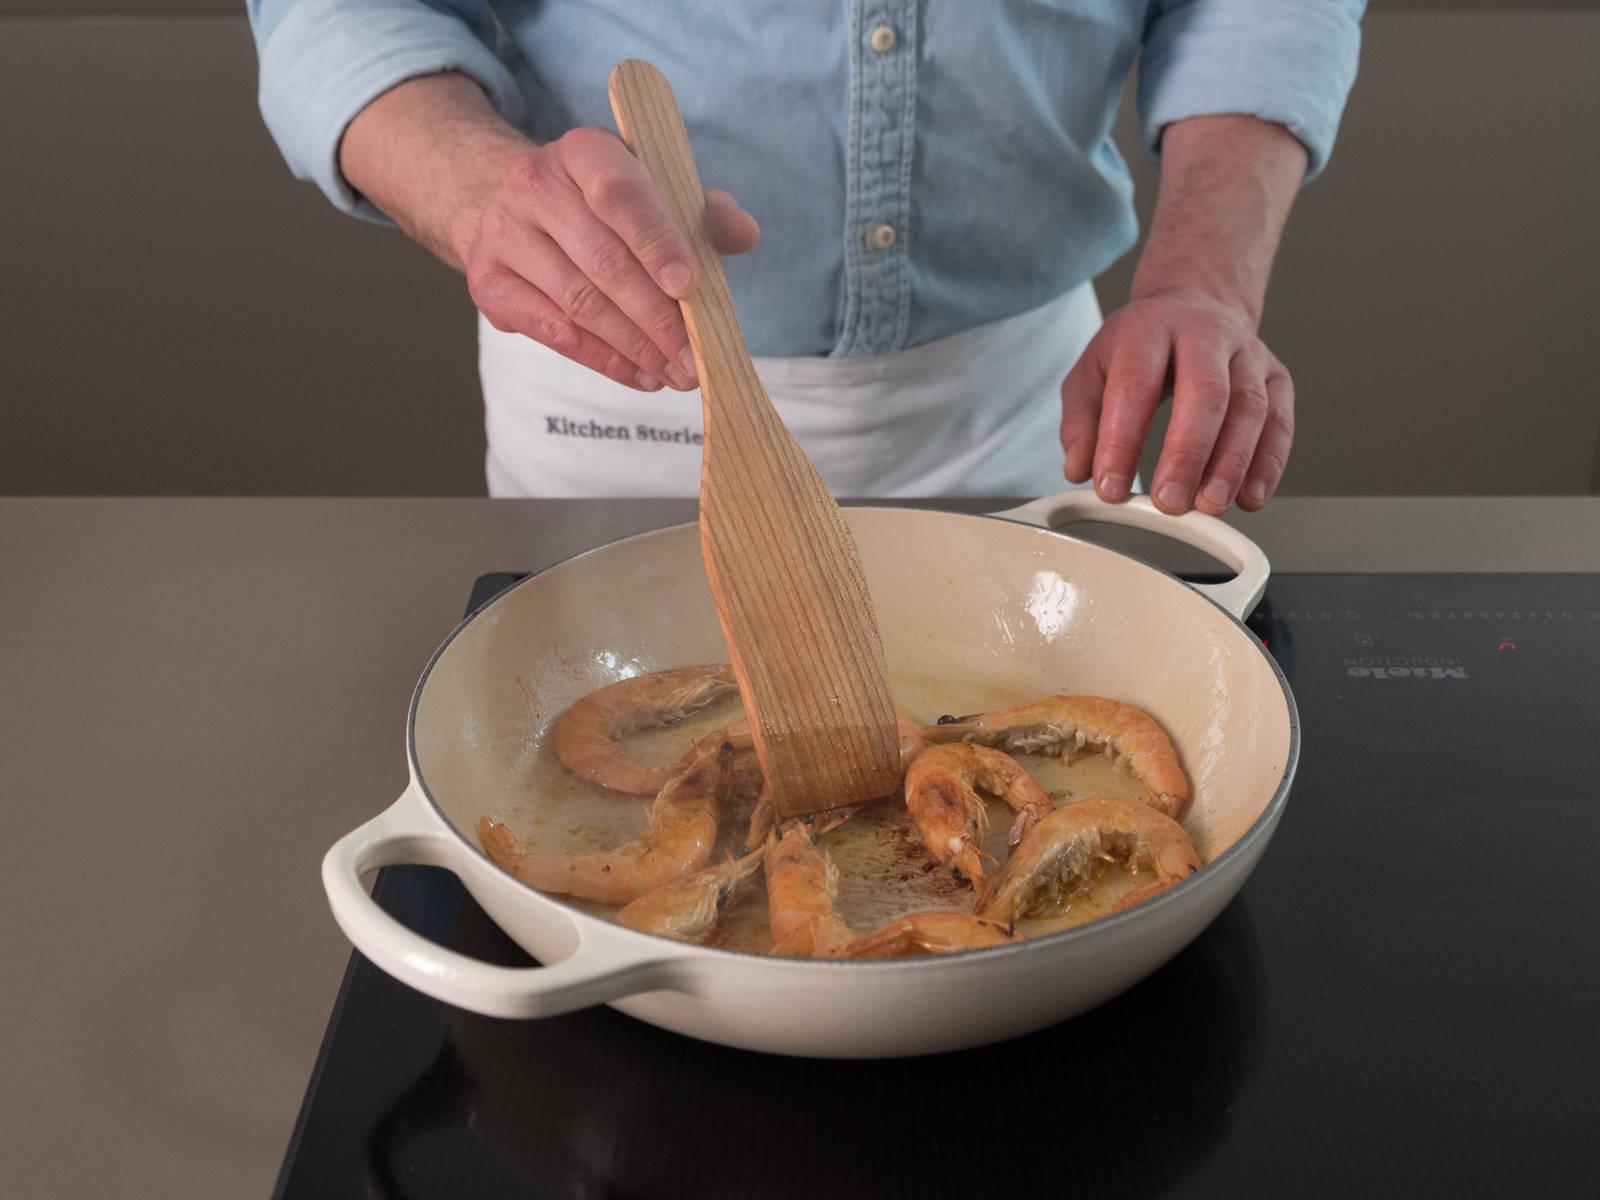 Öl in einer großen Pfanne erhitzen. Garnelen und Tintenfisch ca. 5 Min. braten, danach herausnehmen und beiseitestellen.